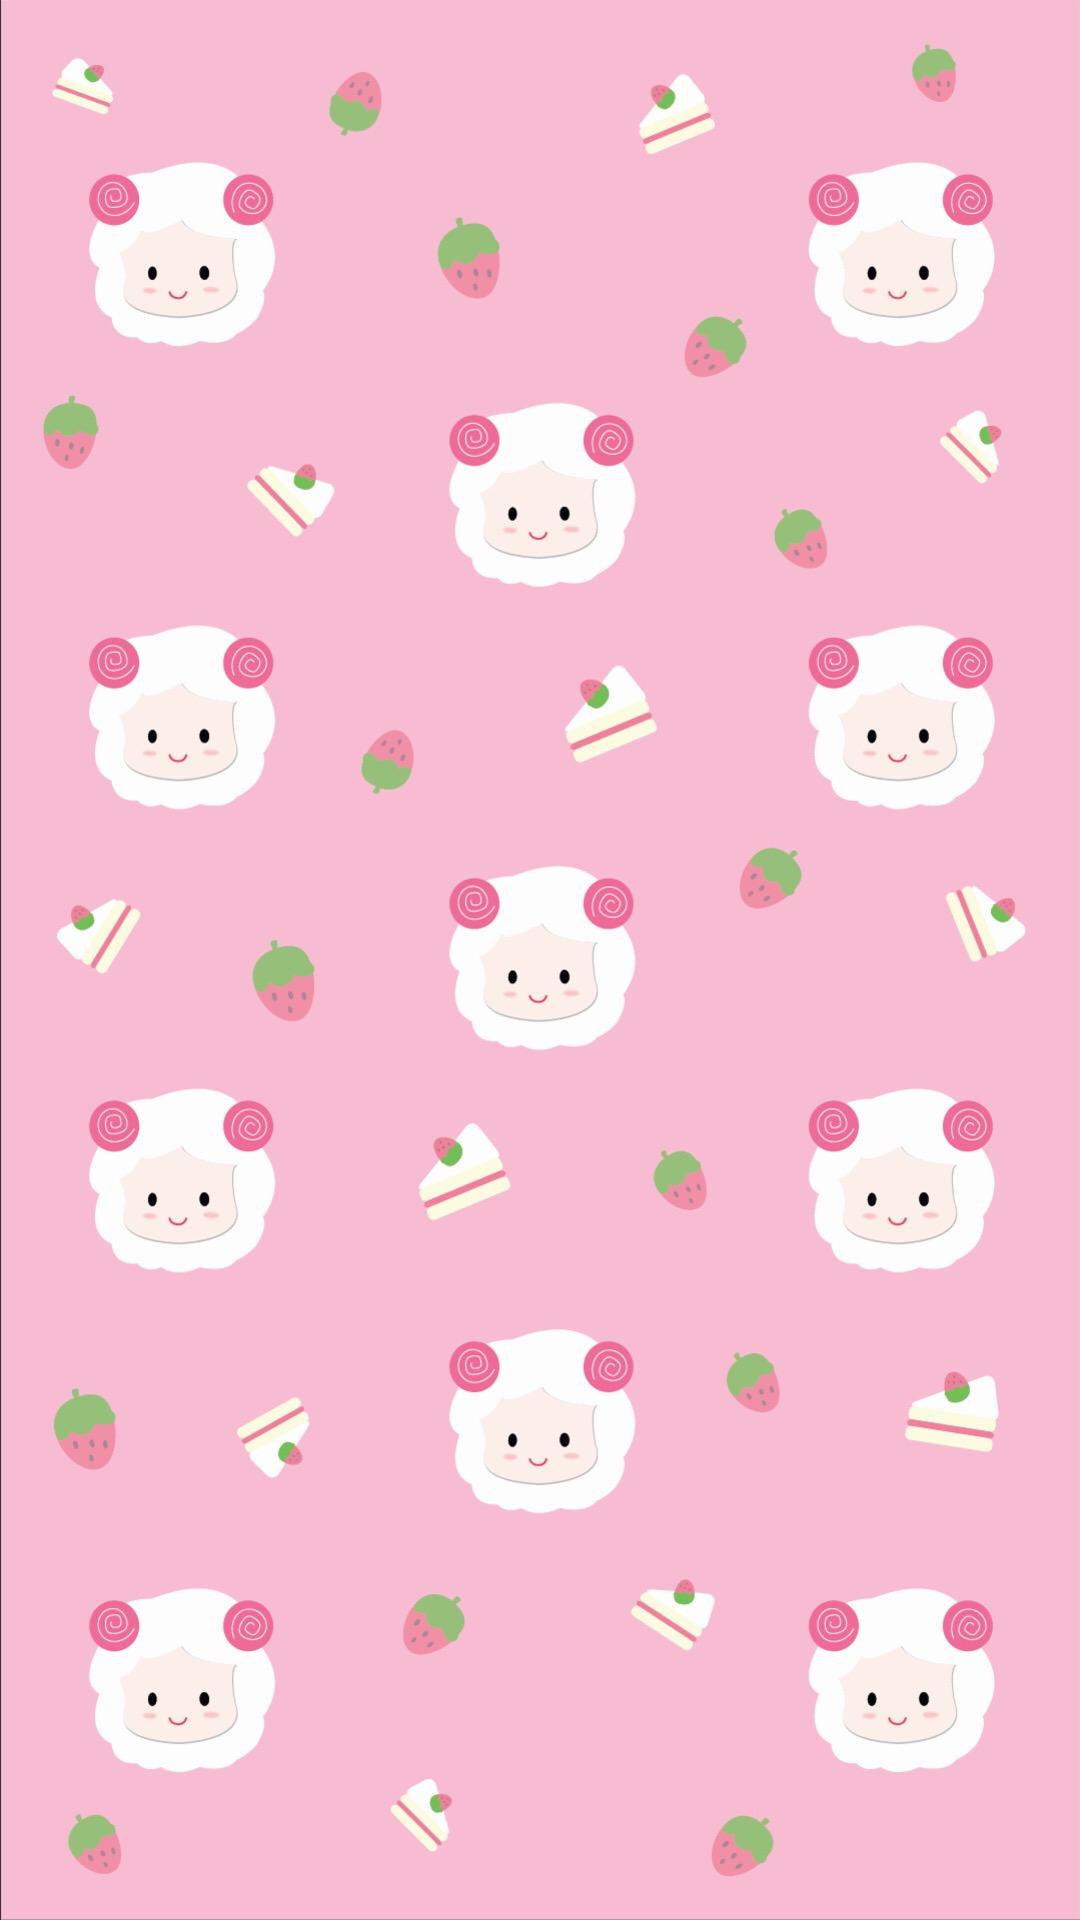 可爱卡通平铺 绵羊 苹果手机高清壁纸 1080x1920_爱思